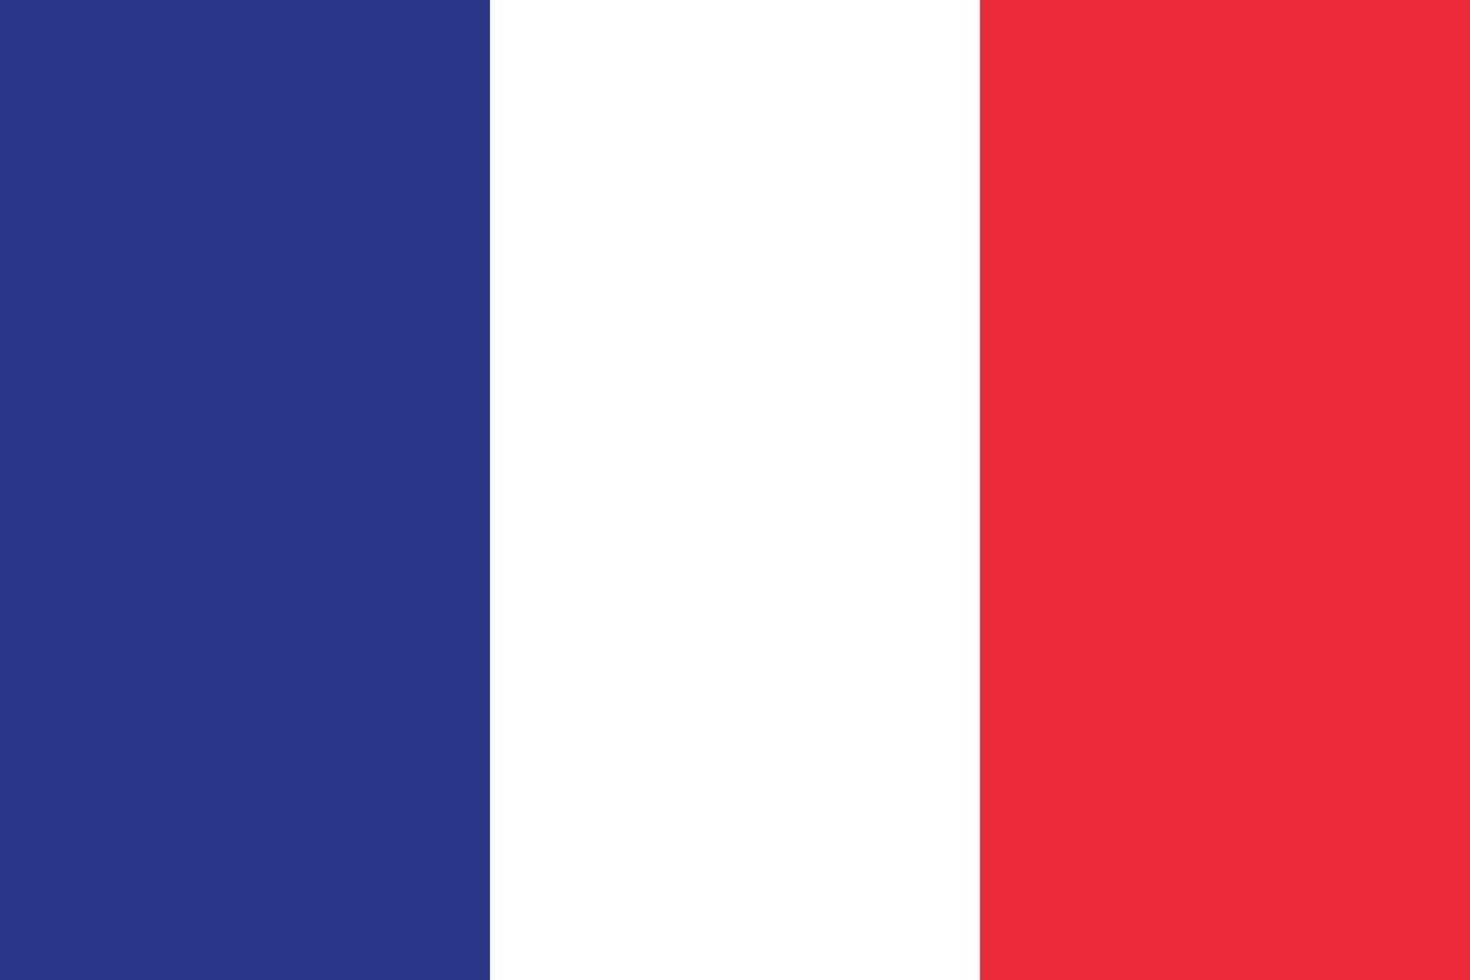 Francia bandiera vettore isolare banner stampa illustrazione